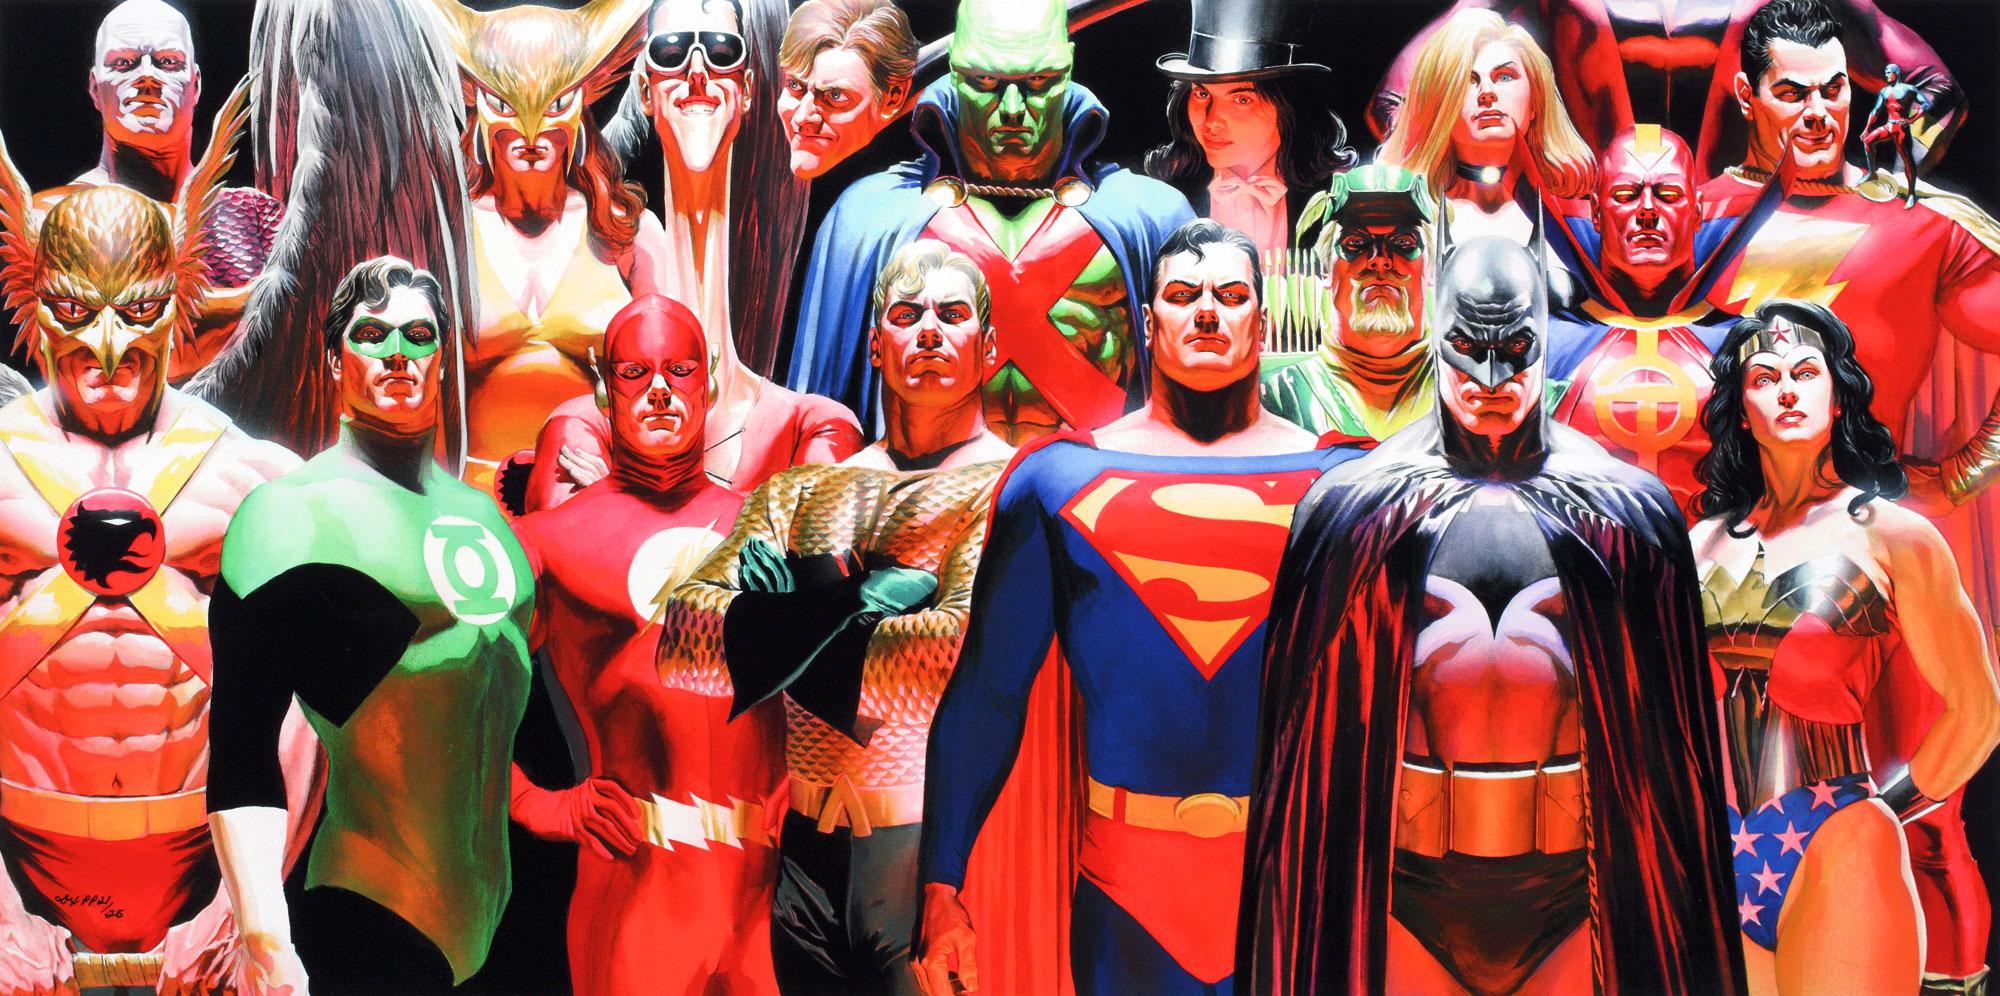 [Quadrinhos] Coleção de Graphic Novels DC- Eaglemoss - Página 4 Wb_20110918_justice1_detail1